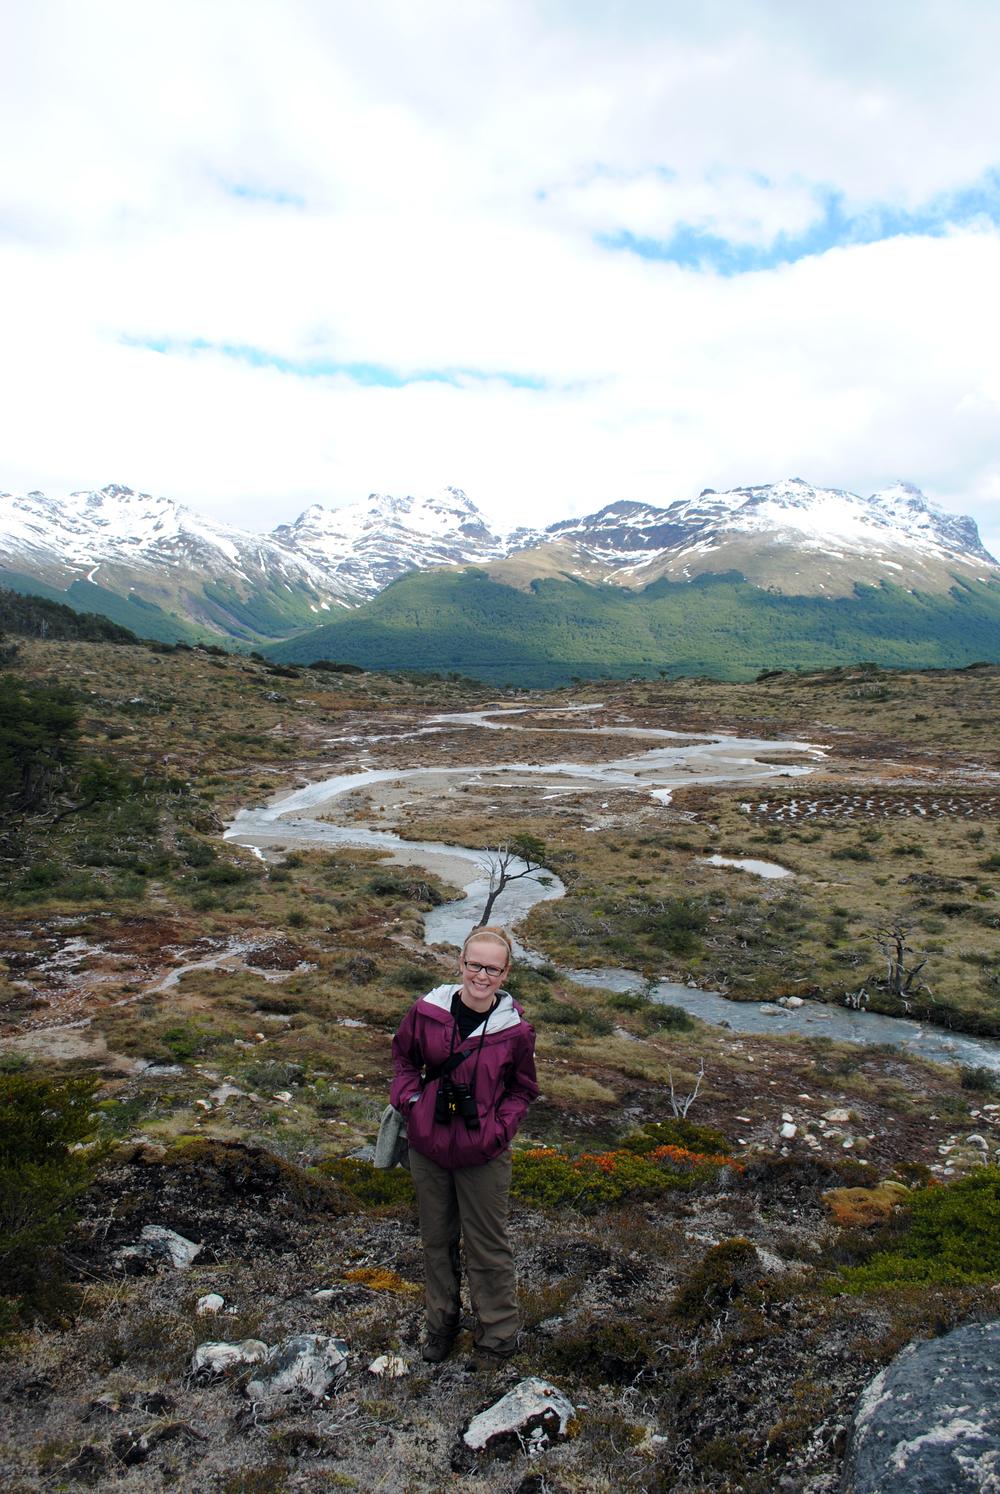 Andes Mountains, Tierra Del Fuego, Ushuaia, Argentina - Maggie a la Mode